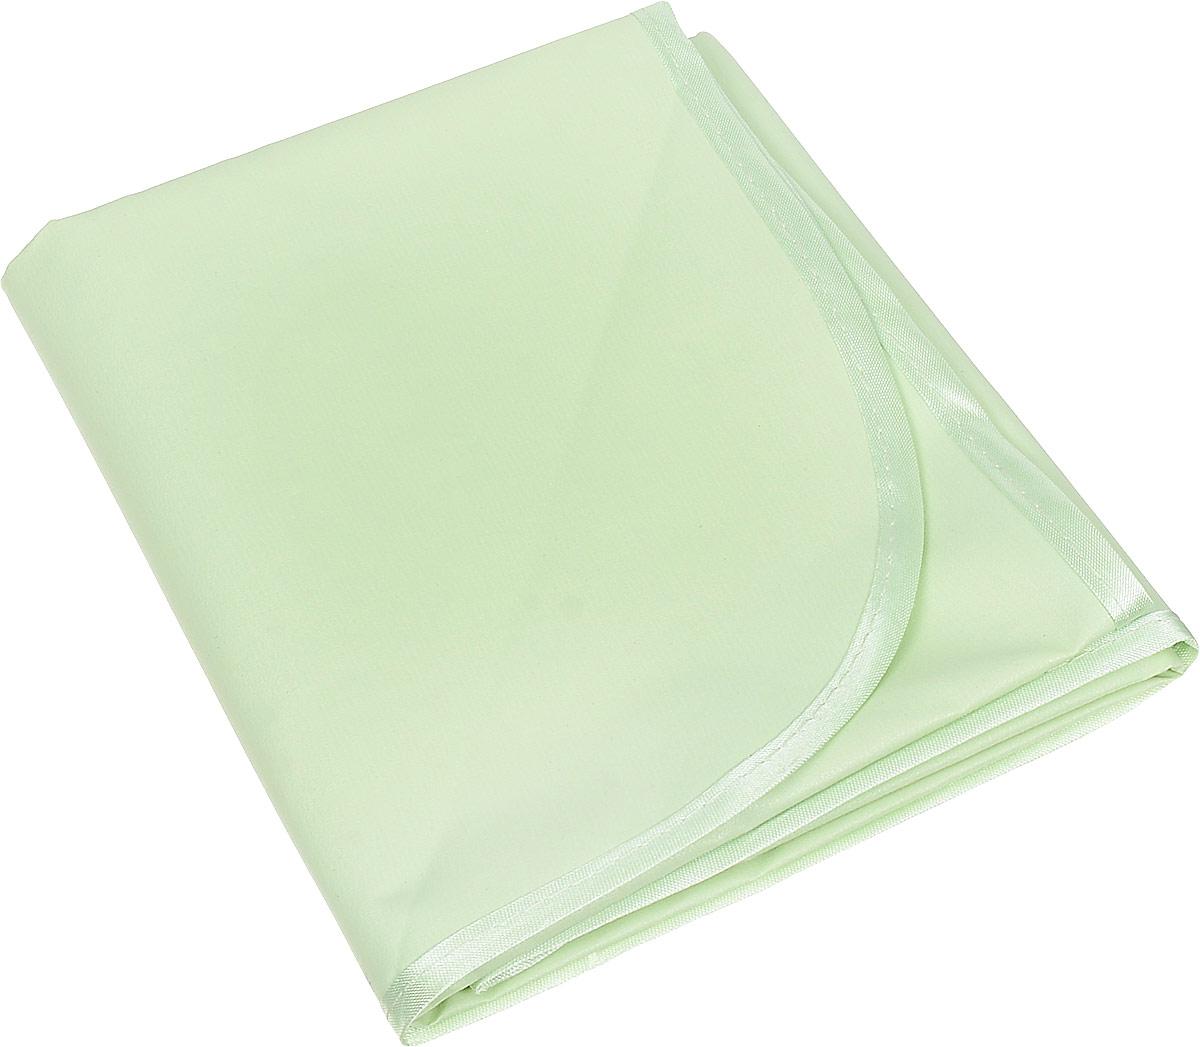 Колорит Клеенка подкладная с окантовкой цвет мятный 70 х 100 см -  Подгузники и пеленки